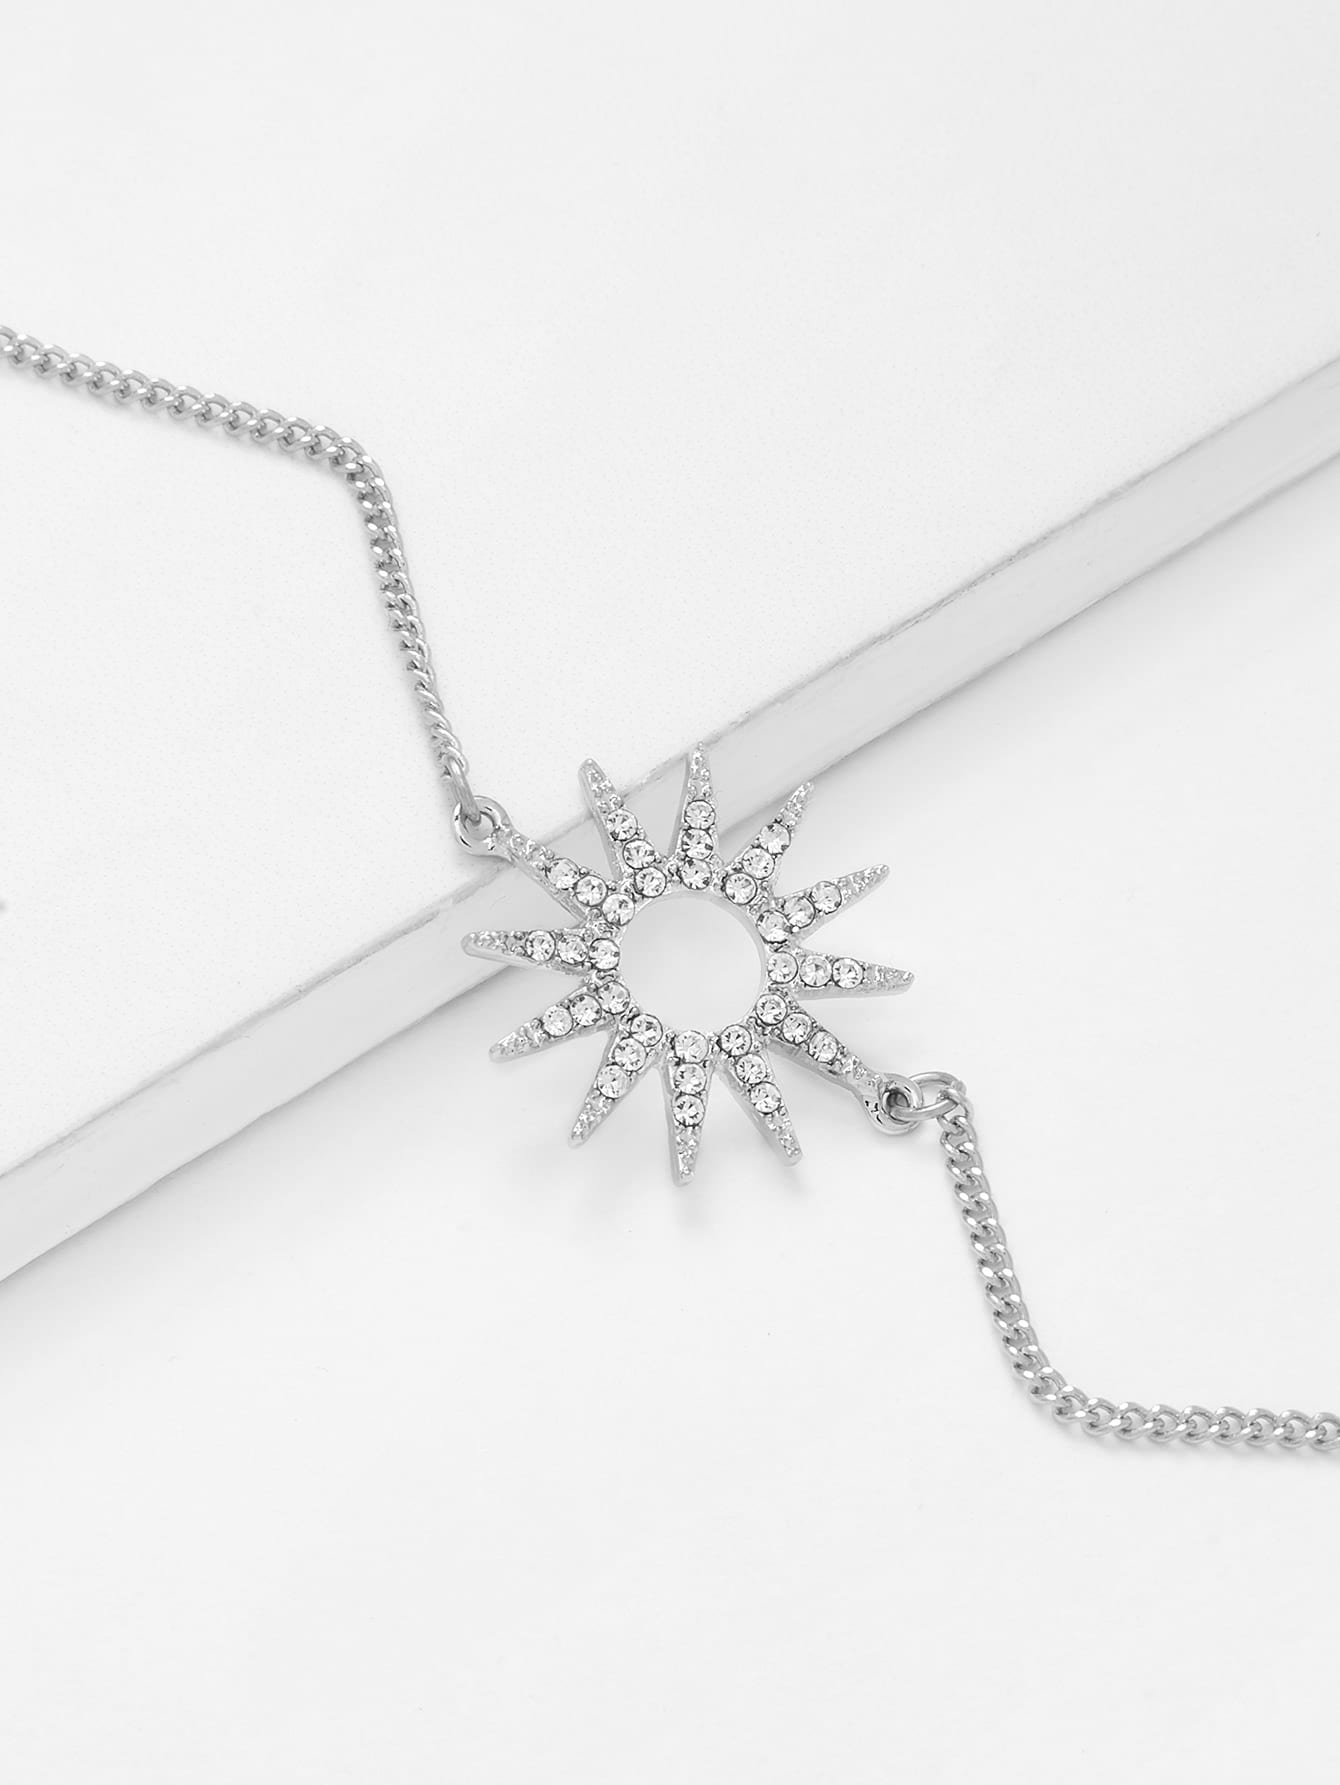 Rhinestone Detail Sun God Charm Chain Bracelet